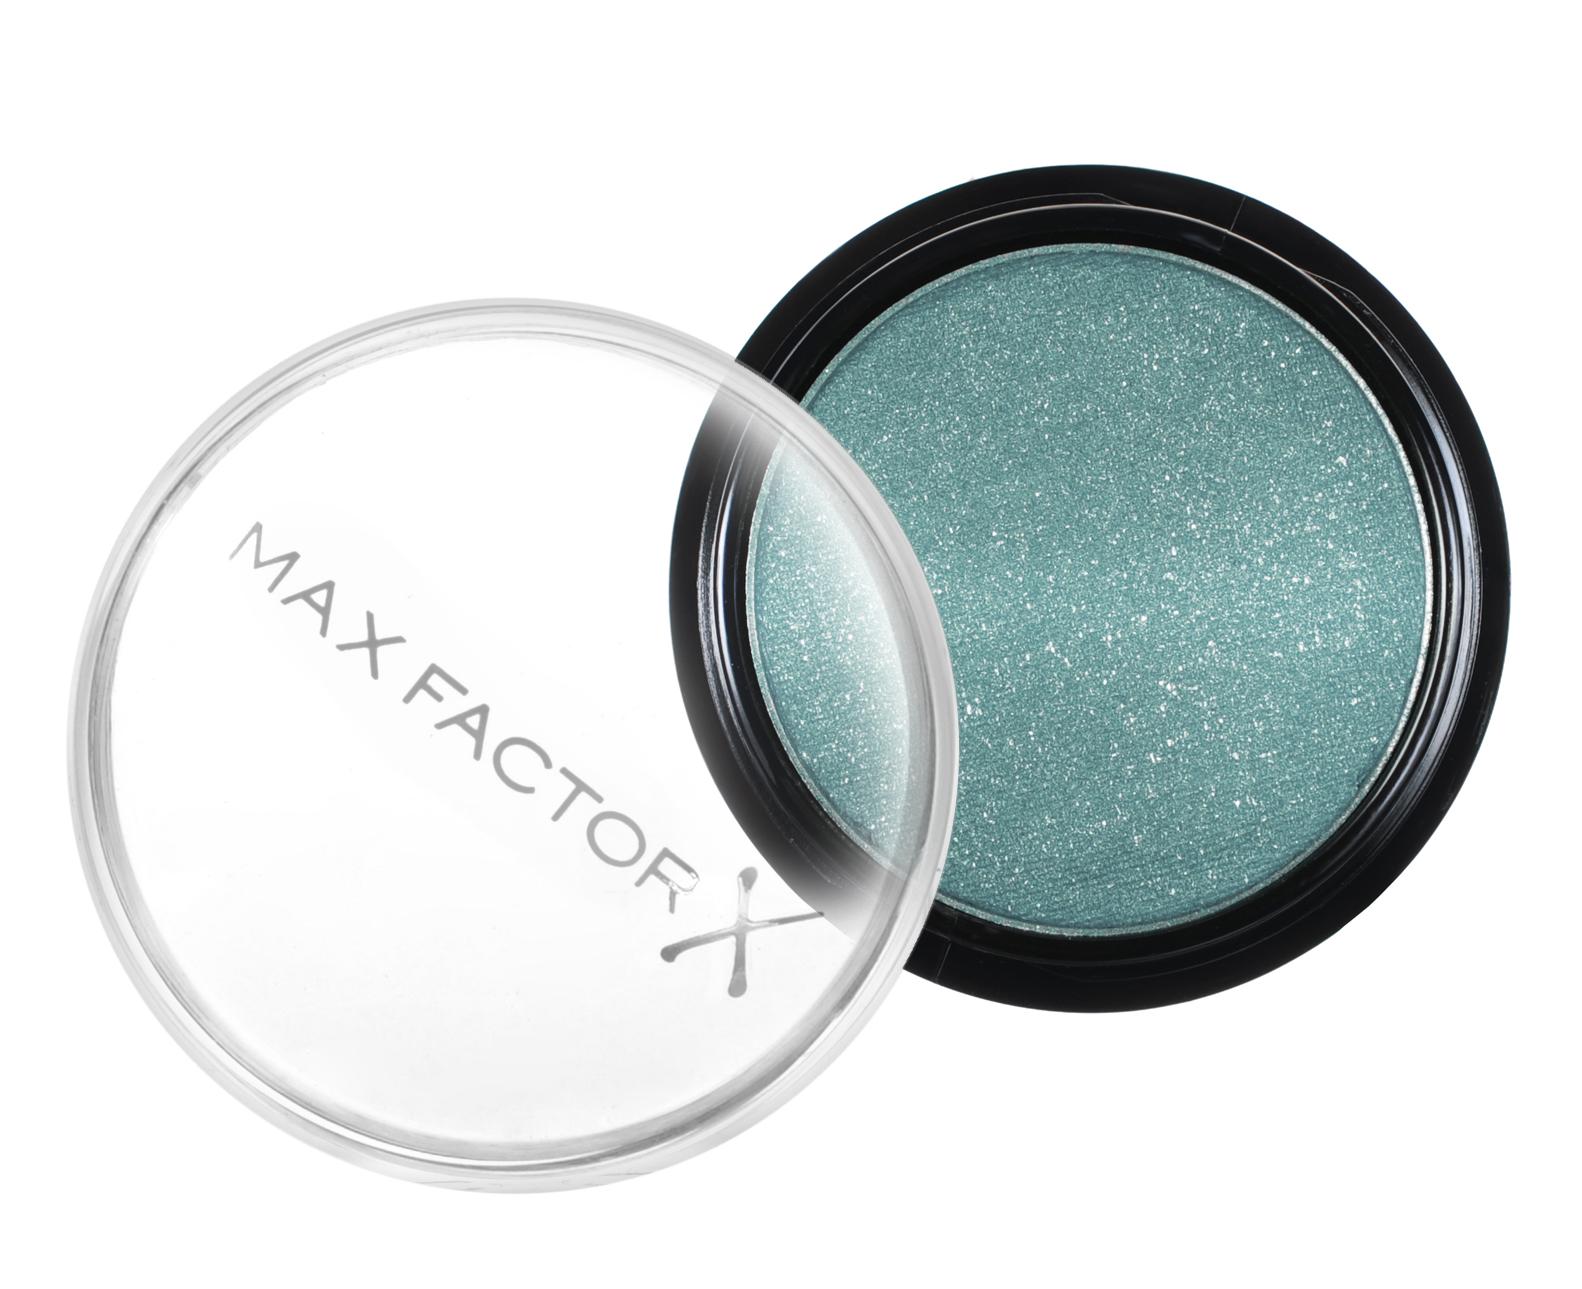 Max Factor Тени для век Wild Shadow Pots, тон №30 turquoise fury, цвет: бирюзовый81411283Приготовься к диким экспериментам с цветом! Эти высокопигментные тени подарят тебе по-настоящему ошеломительный взгляд. - Высокопигментный цвет •16 ошеломительных насыщенных оттенков •Наноси влажной кисточкой для более интенсивного цвета •Легко растушевываются и смешиваются. Бесконечный простор для экспериментов!Протестировано офтальмологами и дерматологами. Подходит для чувствительных глаз и тех, кто носит контактные линзы.1. Нанеси немного теней на кисть руки специальной кисточкой перед тем как начать. 2. Всегда наноси тени понемногу и растушевывай очень тщательно. 3. Наноси светлый оттенок от ресниц до бровей, средний - на сгиб и внешний уголок глаза. 4. Для более интенсивного цвета немного улажни кисточку.